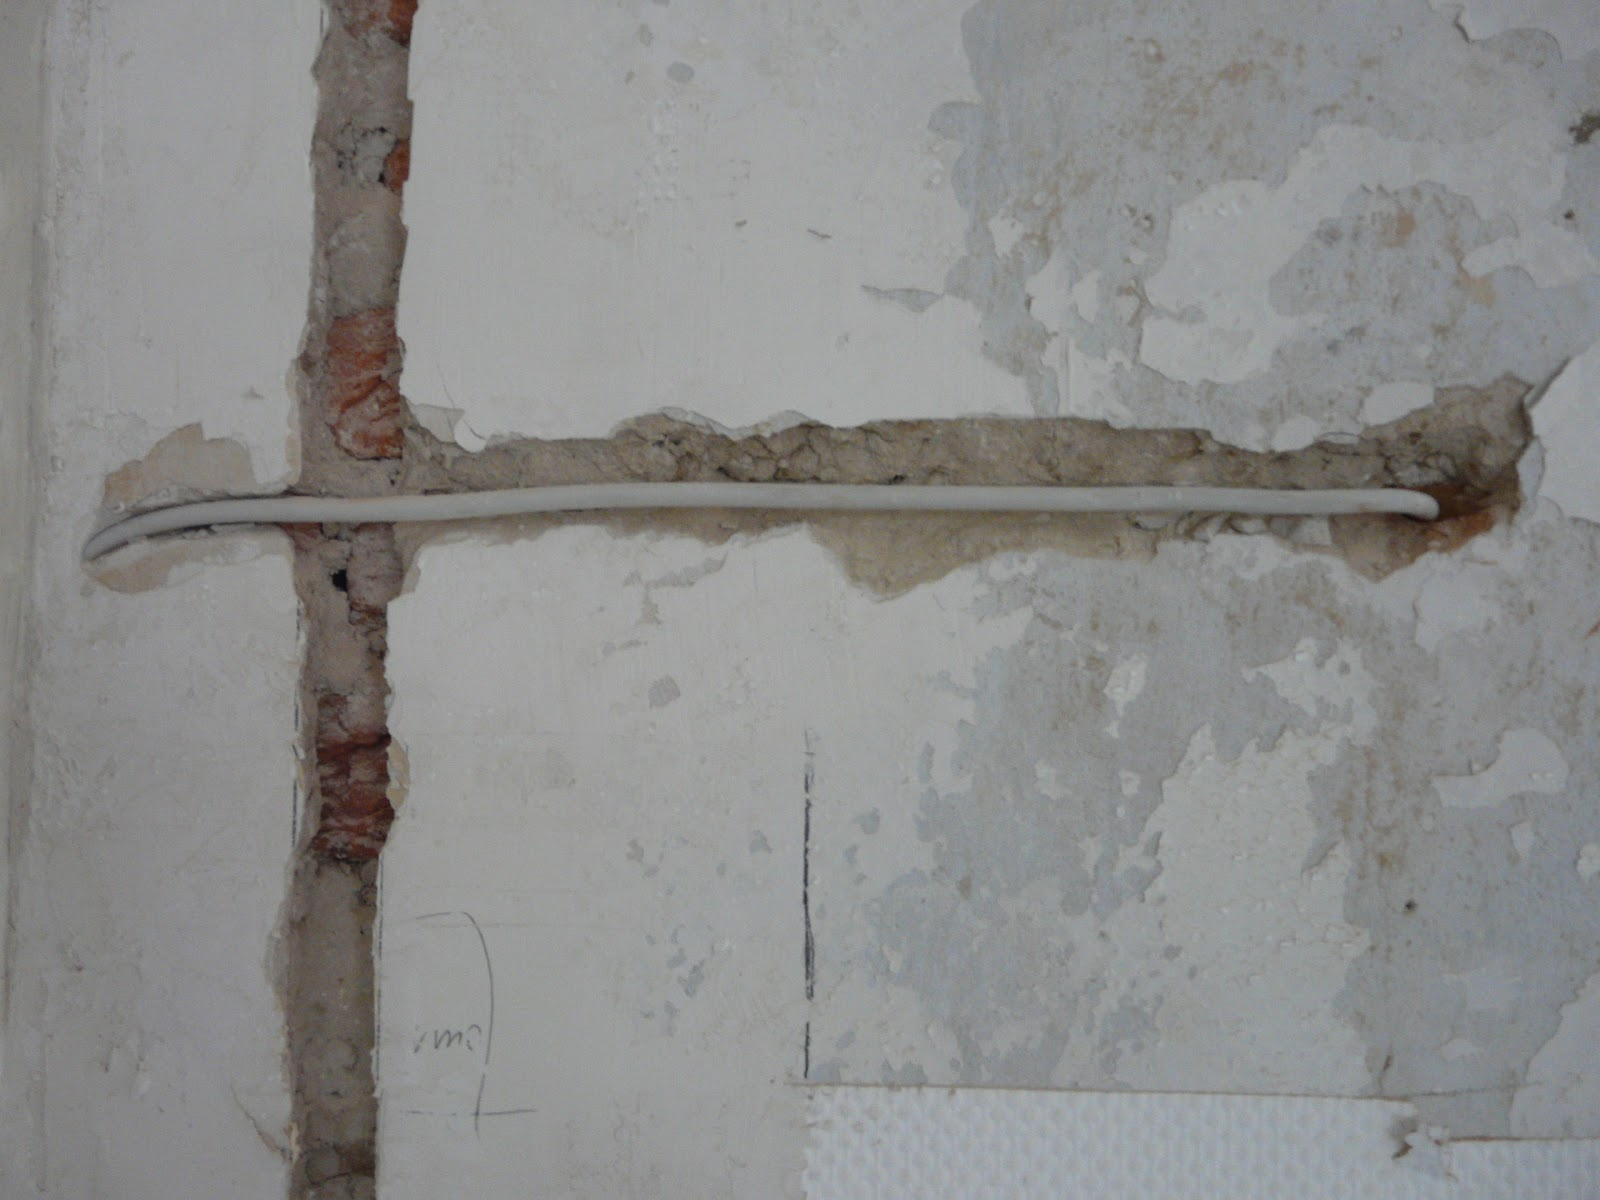 renovierung | dem micha sein blog | seite 2